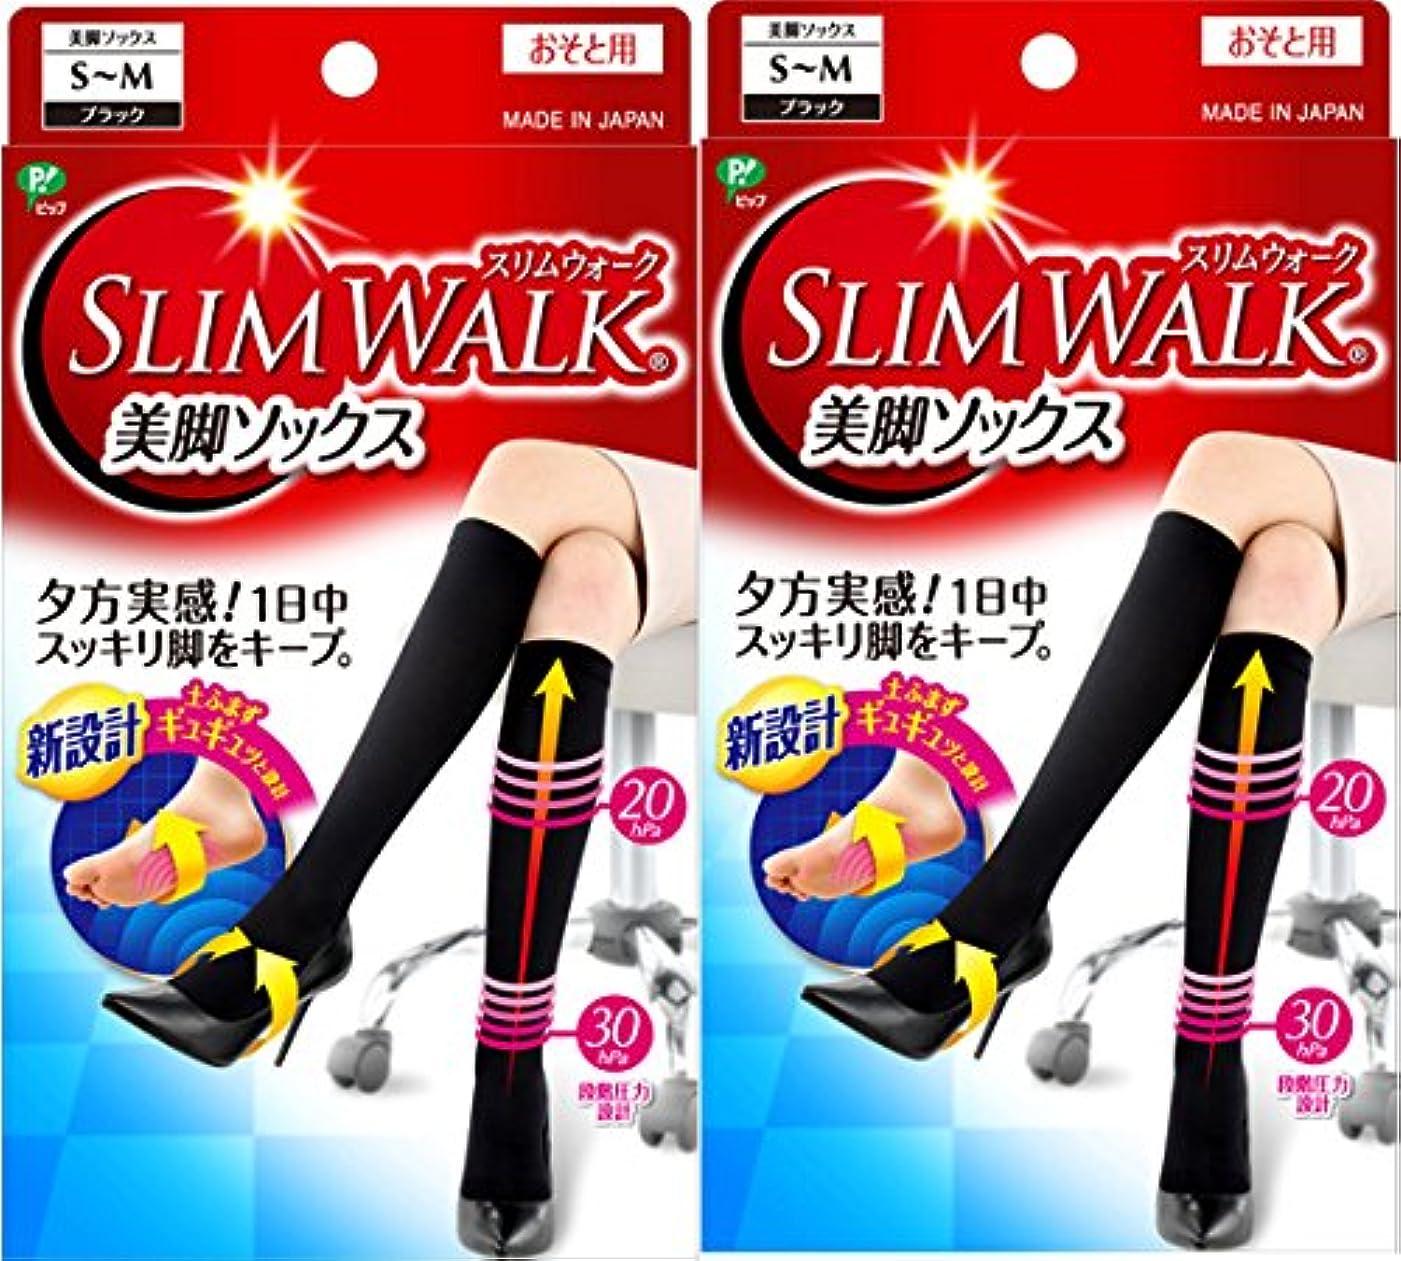 不誠実滑りやすい肉腫【2個セット】スリムウォーク 美脚ソックス S-Mサイズ ブラック